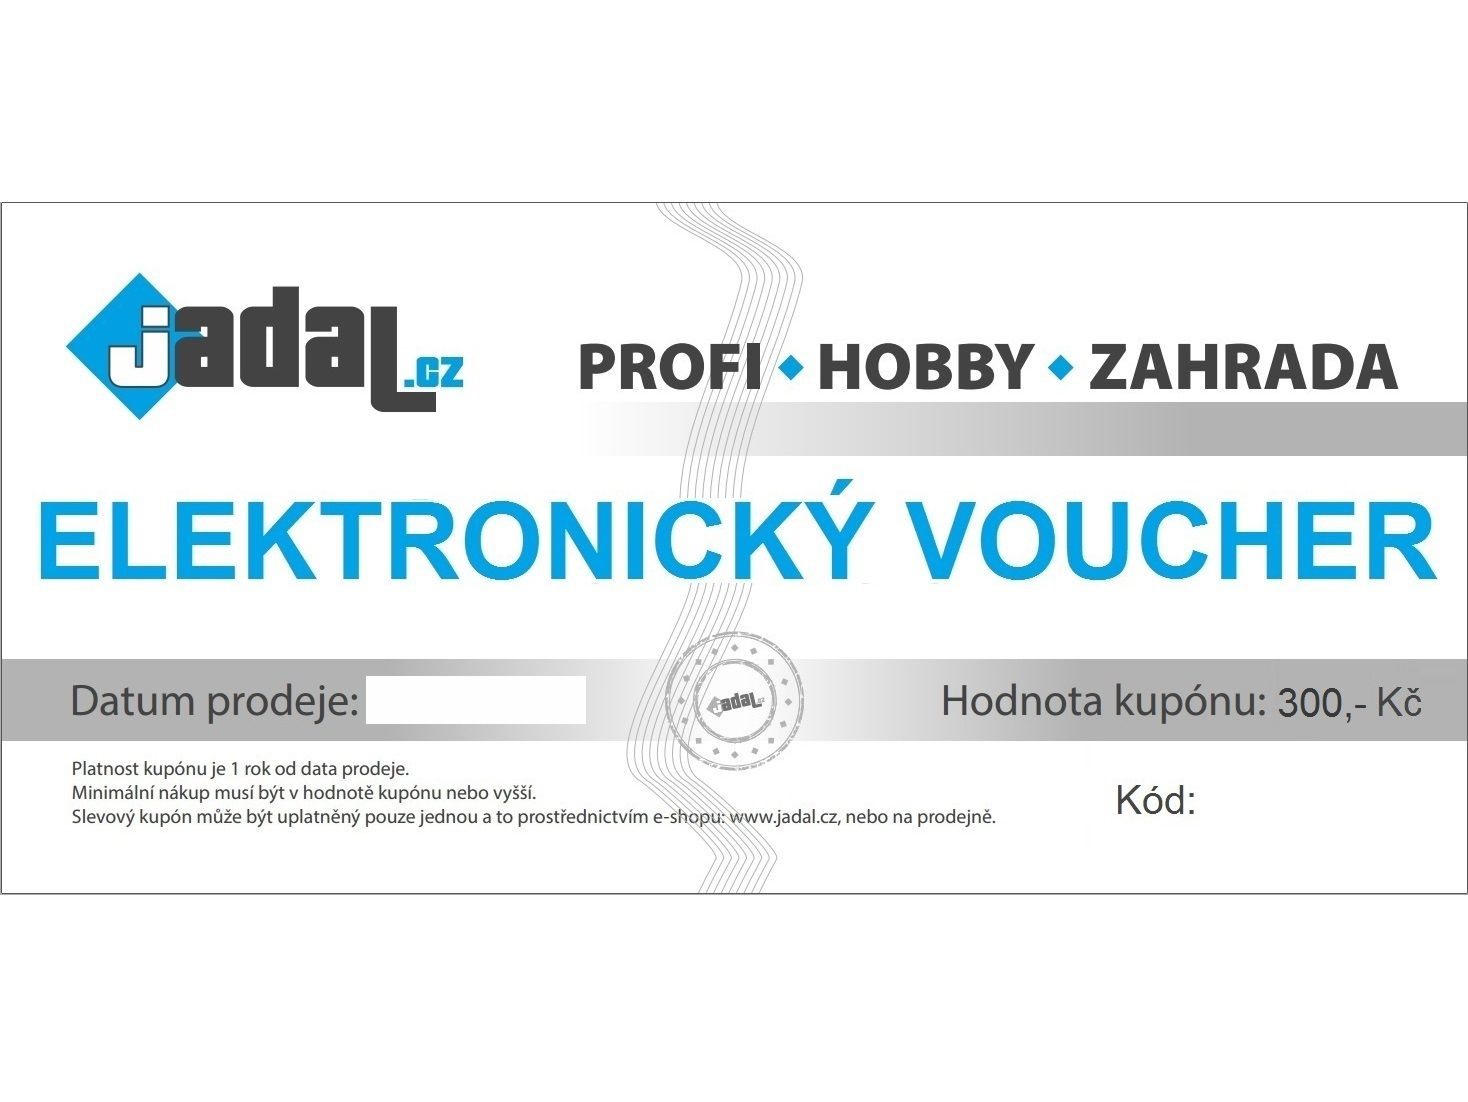 Elektronický voucher - poukaz v hodnotě 300,-Kč